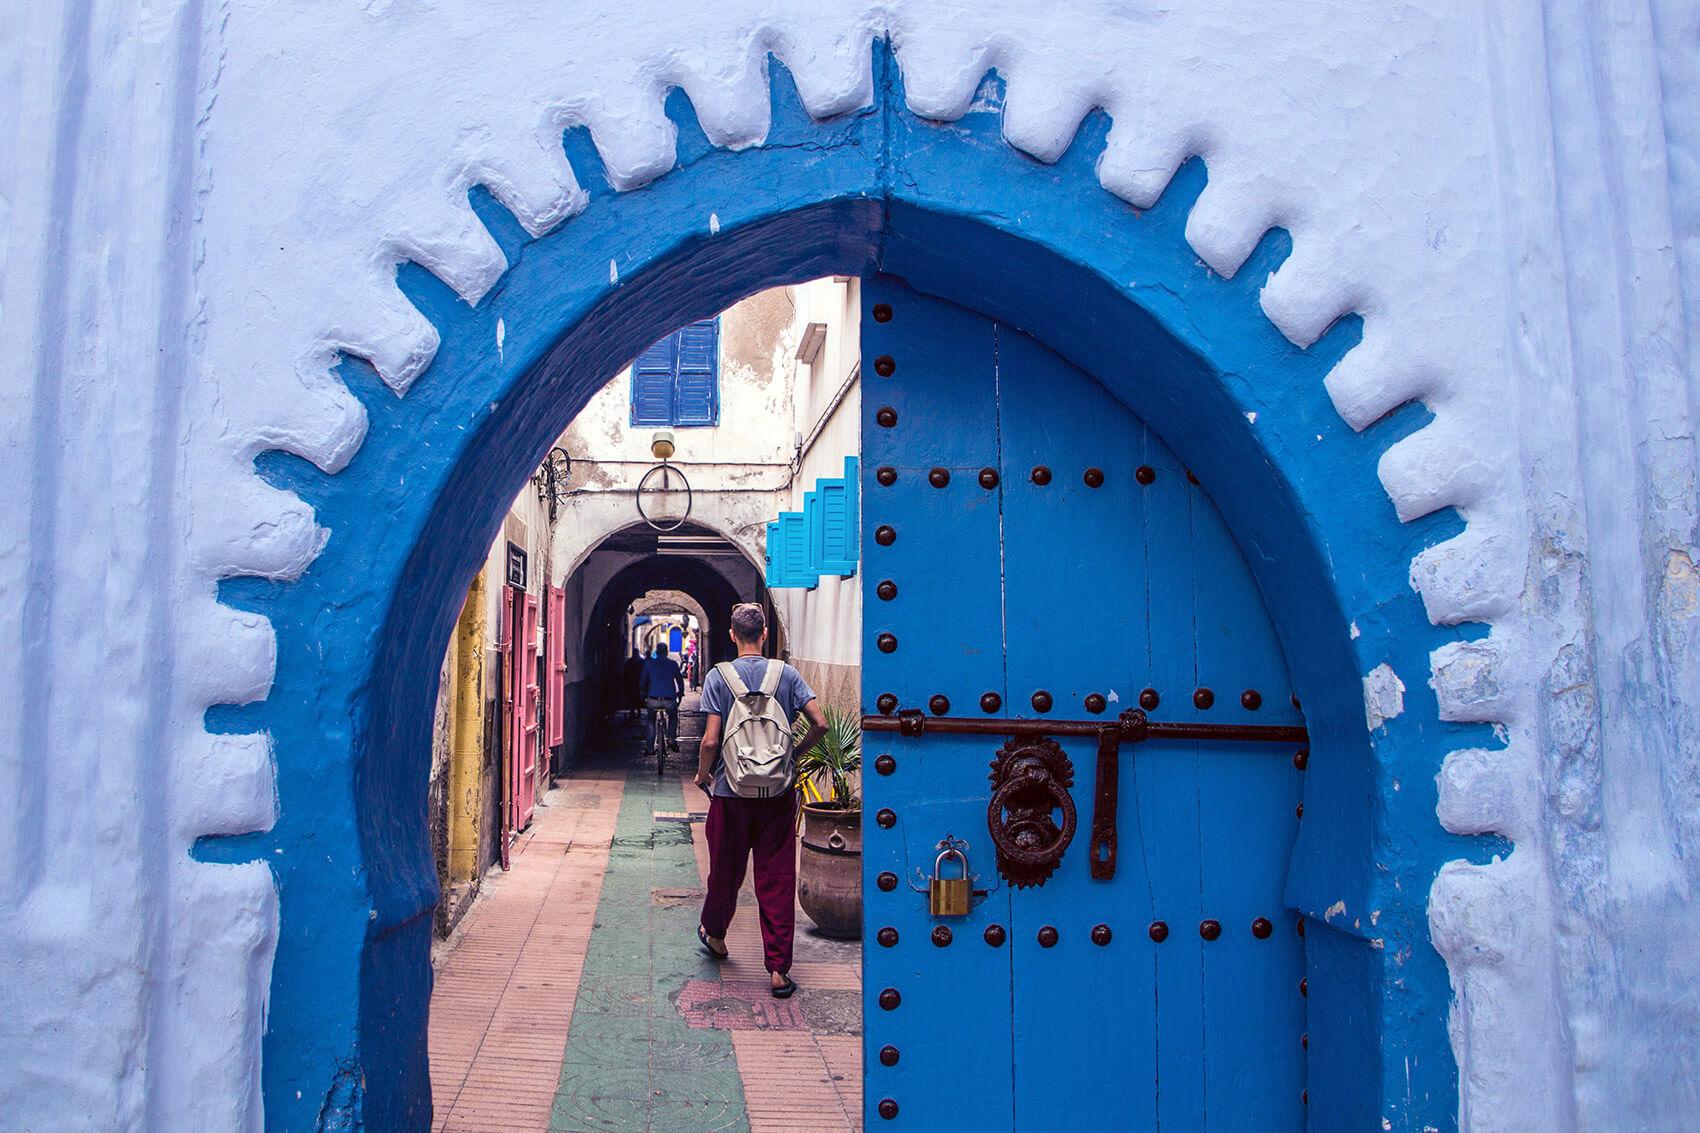 Chefchaouen passageway